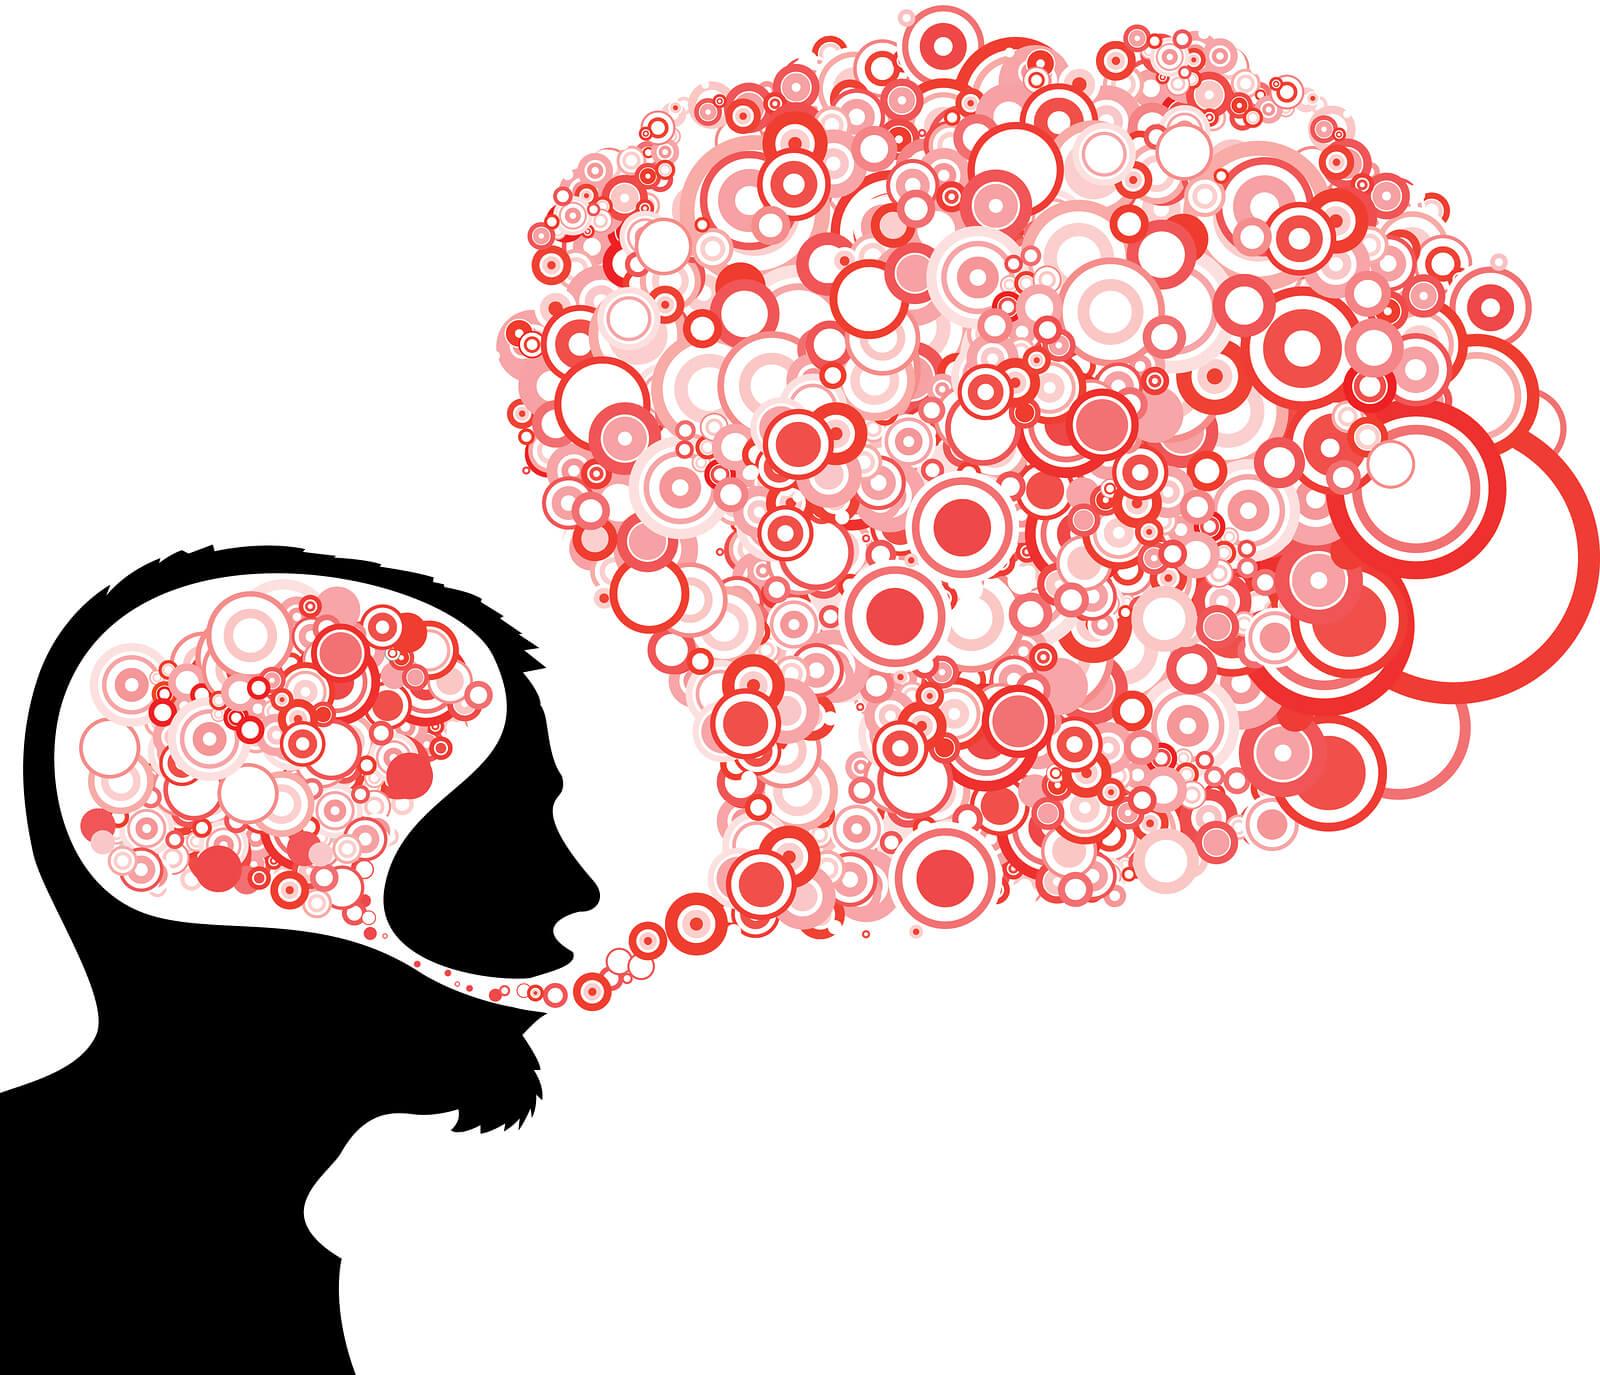 """""""Si buscas resultados distintos, no hagas siempre lo mismo"""", dijo Albert Einstein. Esta es la base del pensamiento divergente y la razón de que algunos empresarios sean calificados como visionarios. Pero la clave de su éxito no radica en que posean un gen 'mágico', sino en que han sido capaces de ver nuevos enfoques hasta entonces inexistentes. ¿Qué es el pensamiento divergente? El concepto de pensamiento divergente se lo debemos al psicólogo Joy Paul Guilford, para quien existían dos formas de realizar procesos mentales: uno racional o vertical, que sigue una secuencia preestablecida; y otro creativo o lateral, que combina diferentes perspectivas a un mismo problema y establece nuevas relaciones entre ideas. Su teoría fue desarrollada posteriormente por Edward de Bono, autor de The Use of Lateral Thinking, que describió lo que él llamo pensamiento lateral como un razonamiento libre, asociativo y multifocal. """"El pensamiento lateral está íntimamente relacionado con los procesos mentales de la perspicacia, la creatividad y el ingenio"""", asegura el autor. Como apunta Walter Riso, en El poder del pensamiento flexible, el pensamiento divergente """"supone la capacidad de cambiar de perspectiva sin entrar en pánico y generar una buena cantidad de nociones e impresiones, siendo original y práctico a la hora de elegirlas y conectarlas"""". Pensamiento divergente y convergente Para los expertos, el pensamiento divergente no es un sustituto del pensamiento convergente, sino que deben complementarse. Así, mientras la lógica nos ayuda a establecer acuerdos basados en la razón, el lateral nos invita a jugar con las ideas y crear nuevos esquemas. El problema radica en que, durante años, se ha potenciado el razonamiento lógico frente al creativo, limitando la capacidad de innovación de los profesionales. De hecho, según los datos de BSmart Foundation, el 98% de los niños de entre 3 y 5 años aplican el pensamiento divergente, un porcentaje que va disminuyendo conforme avanza la edad, hast"""